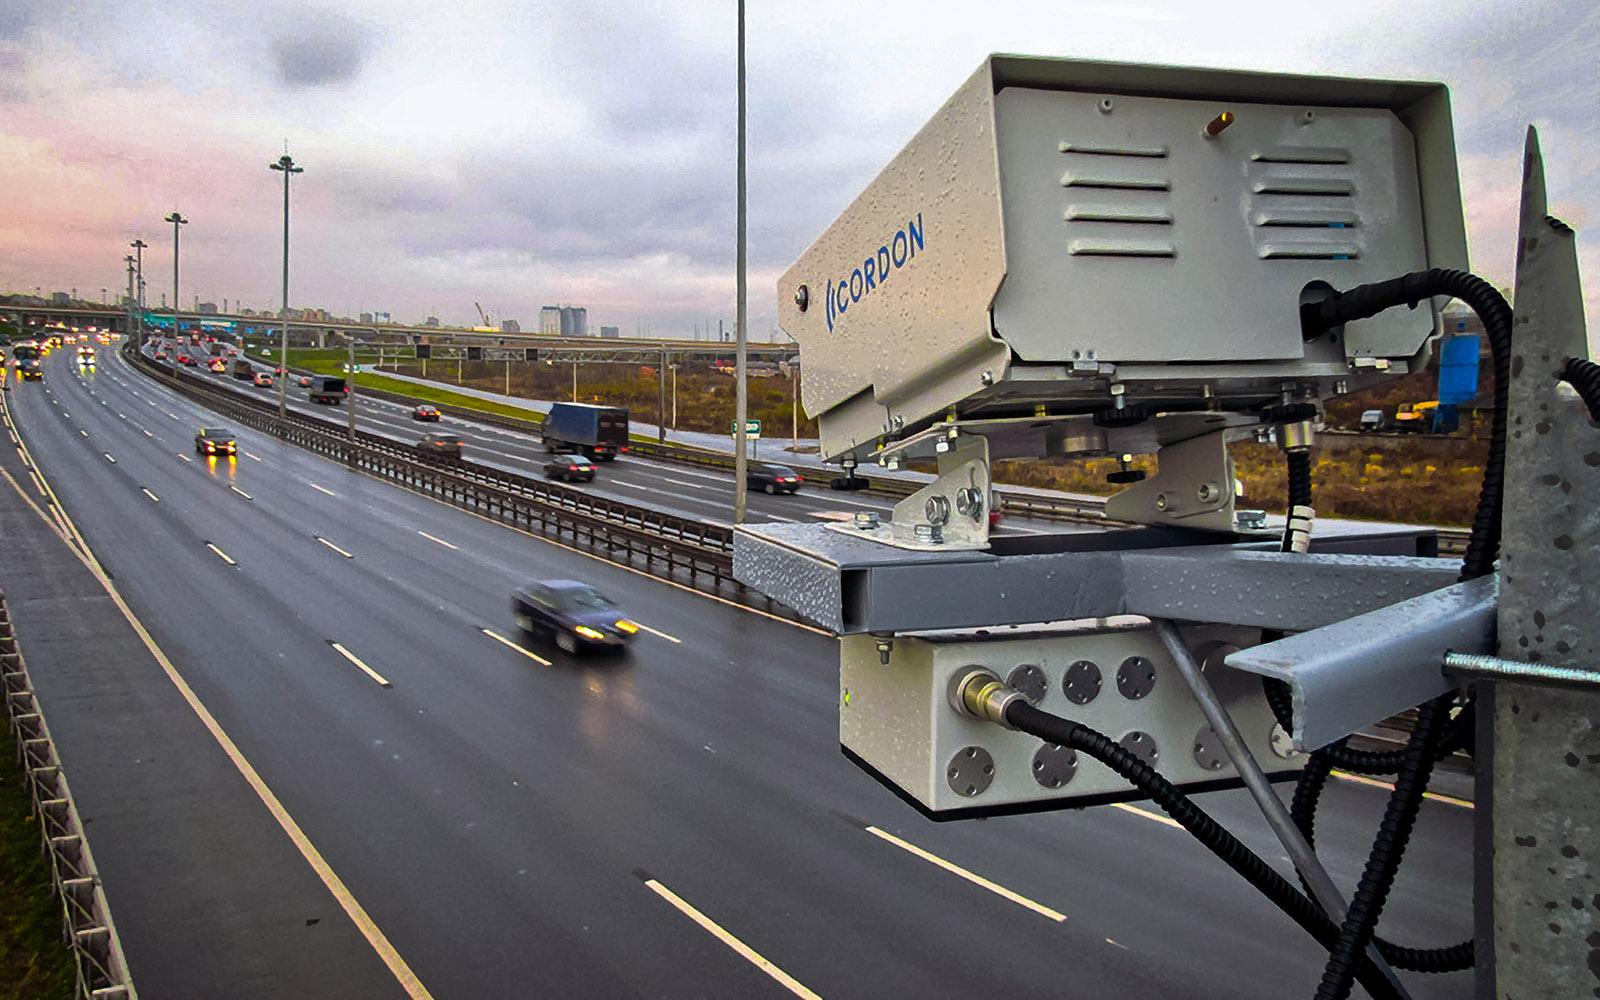 Водители смогут обжаловать автоштрафы с видеокамер через портал Госуслуг